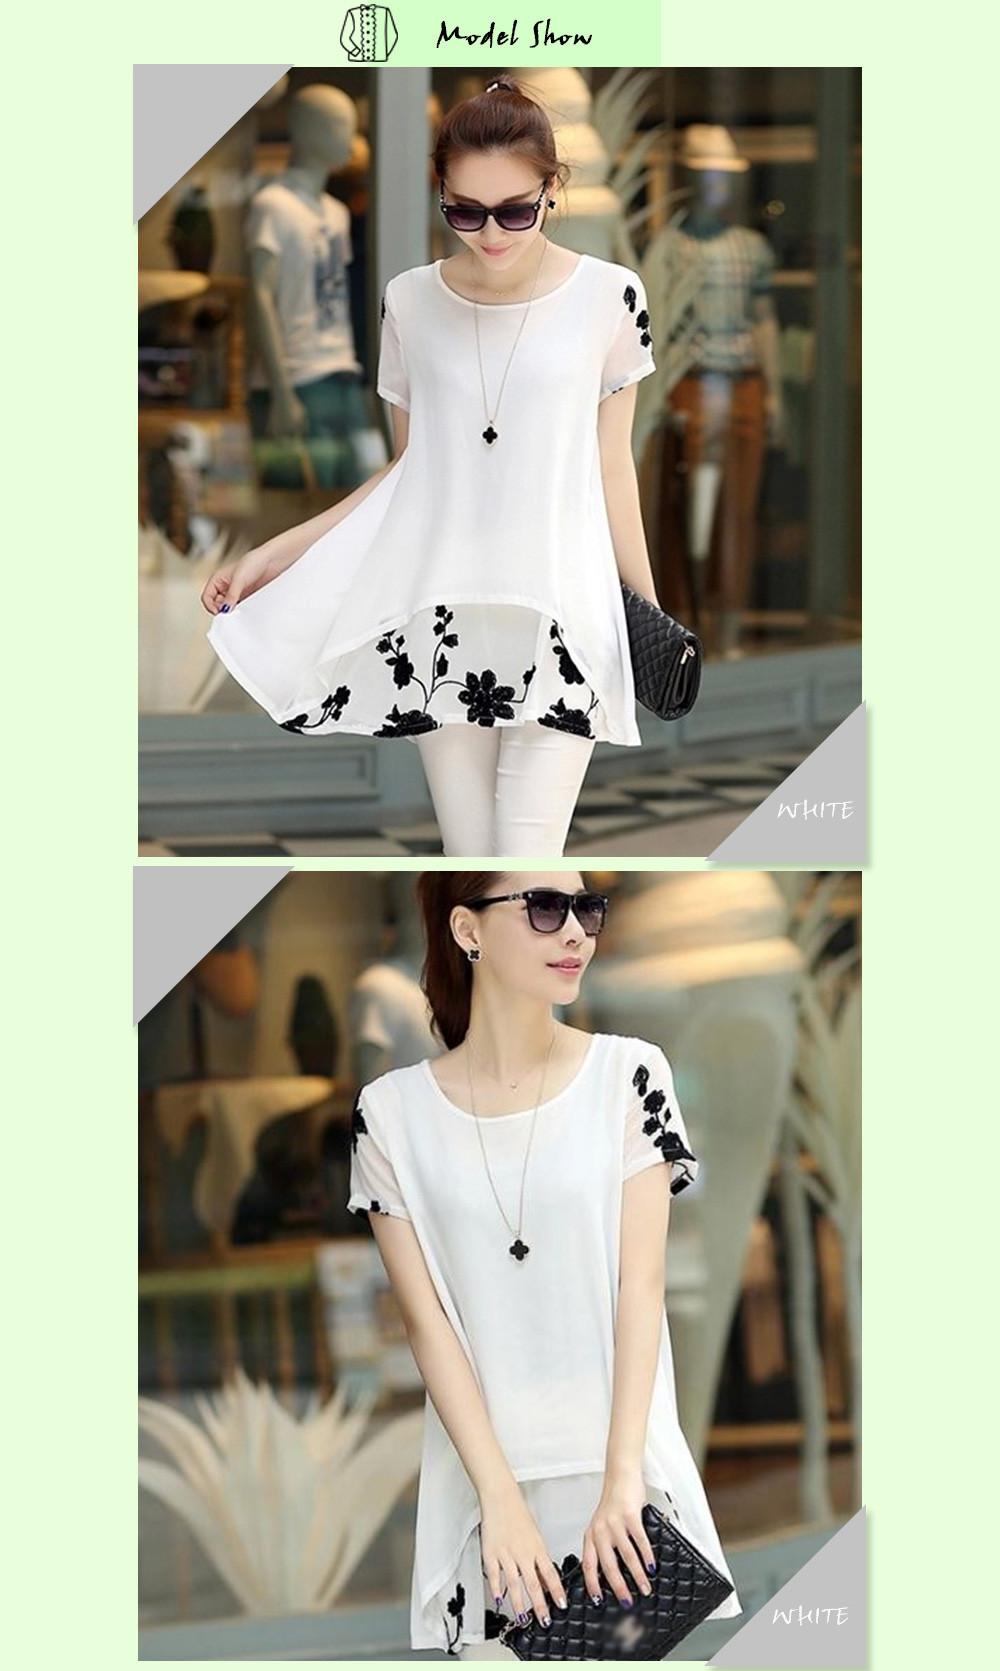 HTB1hDaLOFXXXXXaaXXXq6xXFXXXG - Plus Size 5XL Chiffon Blouse Women Clothing Loose Short Sleeve